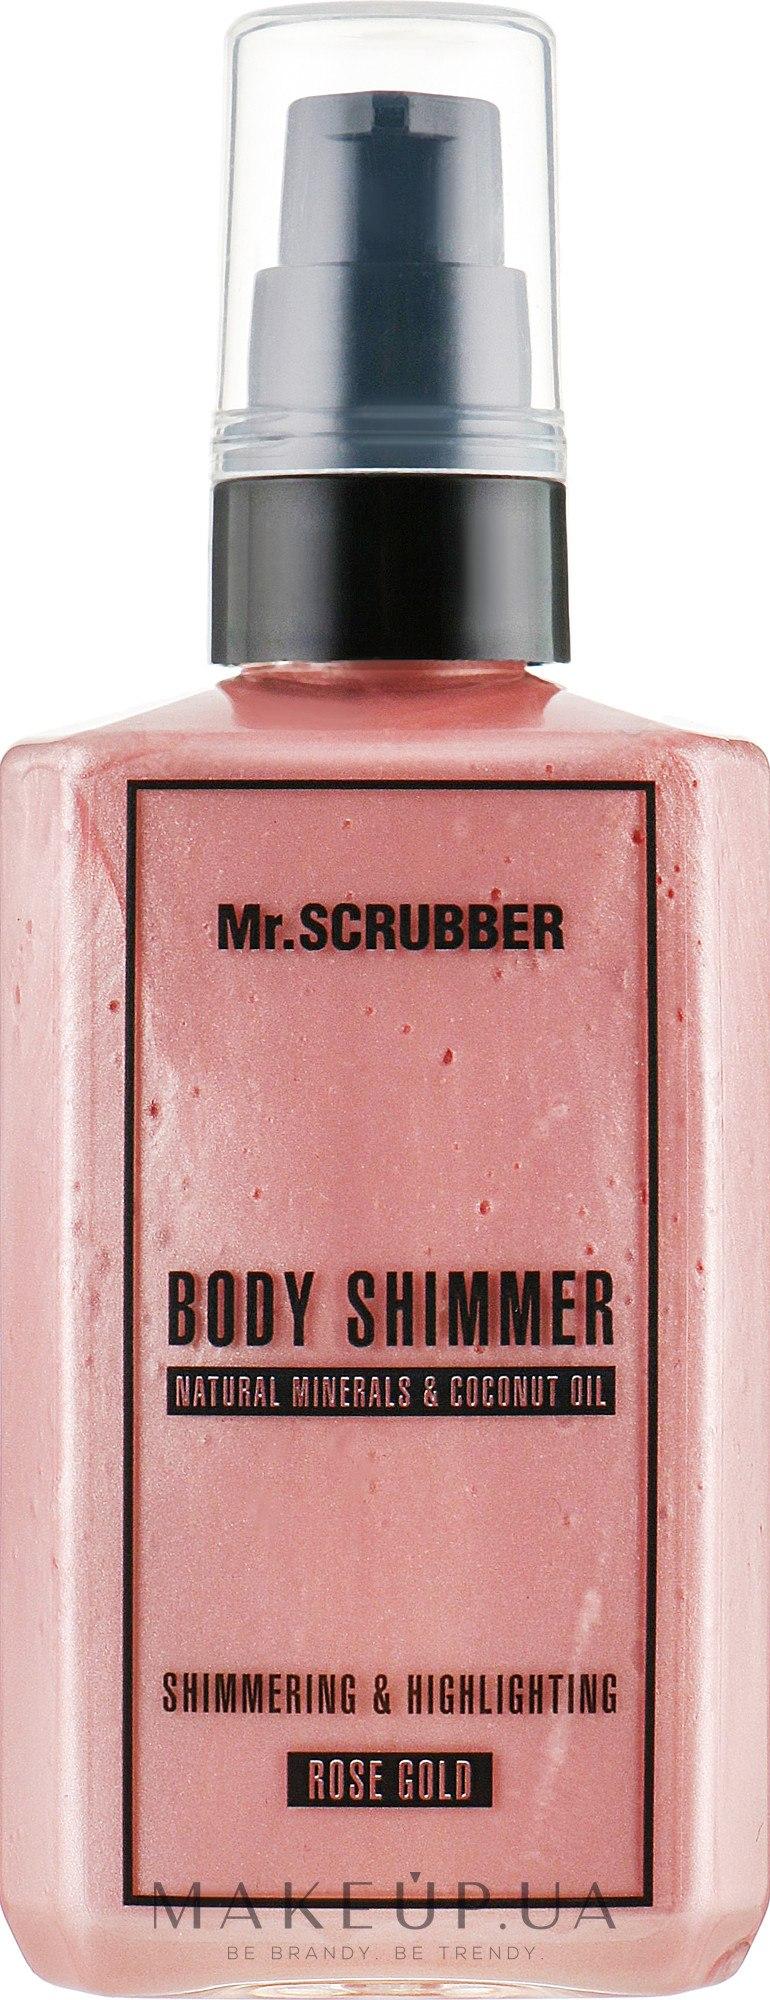 Шиммер для тела (Mr.Scrubber Body Shimmer Rose Gold)